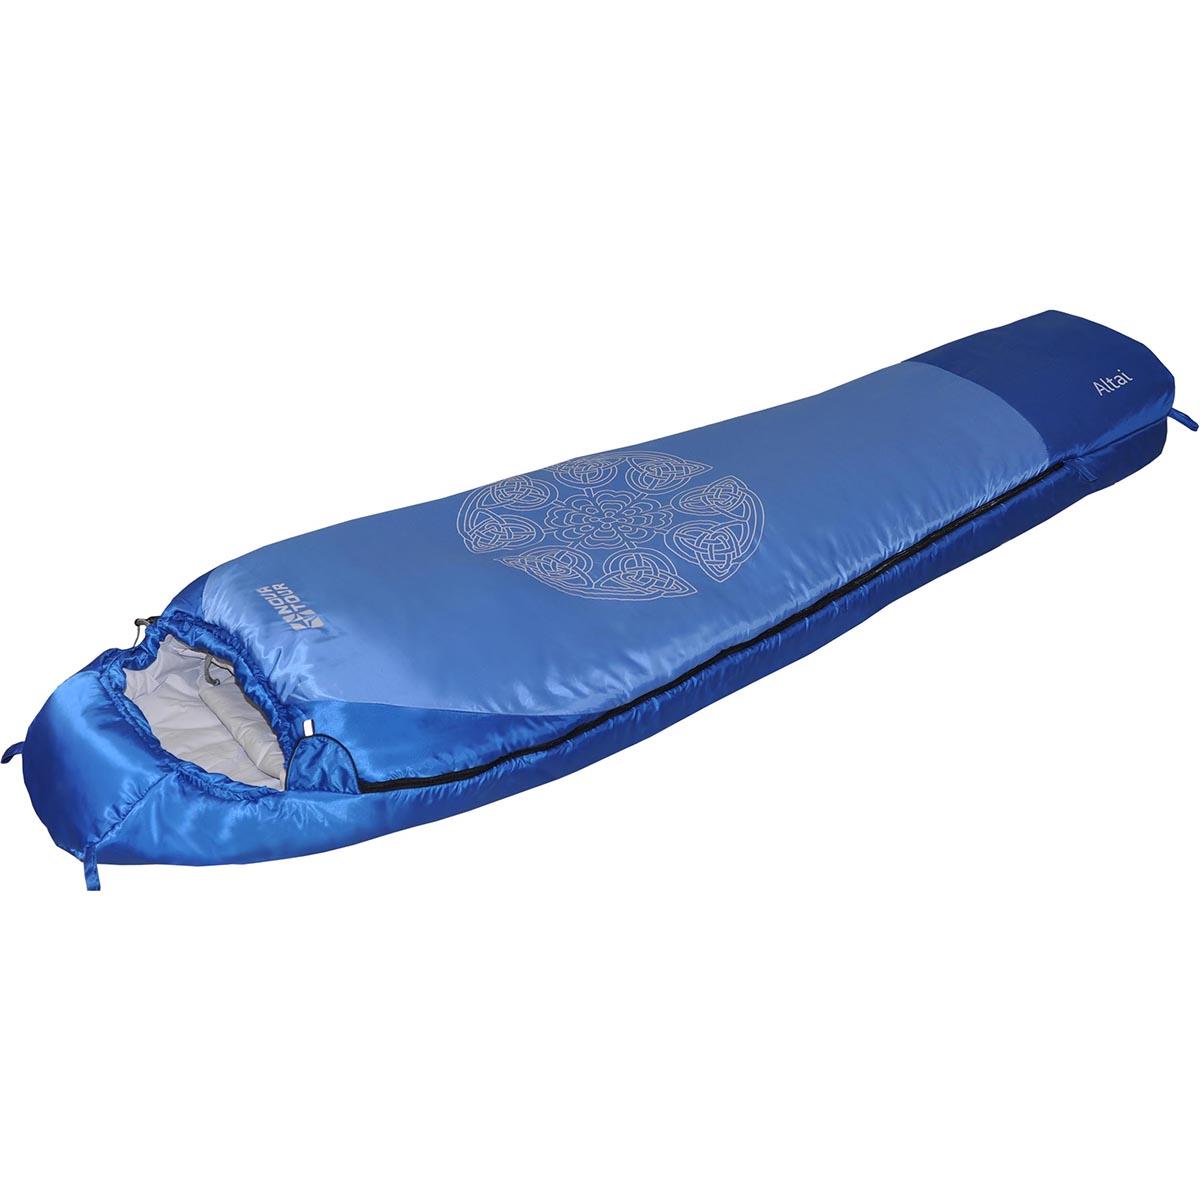 Мешок спальный NOVA TOUR Алтай -10 V2, цвет: синий, белый, правосторонняя молния95423-407-RightСпальный мешок NOVA TOUR Алтай -10 V2 имеет конструкцию кокон с синтетическим наполнителем. Оснащен утепленным утягивающимся капюшоном и шейным воротником, двухзамковой молнией, позволяющей состегнуть два спальника левого и правого исполнения в один двойной. Мешок выполнен из высококачественного полиэстера. Наполнен спальник двухслойным холлофайбером - уникальным, особо теплым, гипоаллергенным утеплителем, каждое волокно которого тоньше волоса и имеет внутри себя еще 7 воздушных каналов. Компрессионный чехол в комплекте.Длина спальника: 220 см.